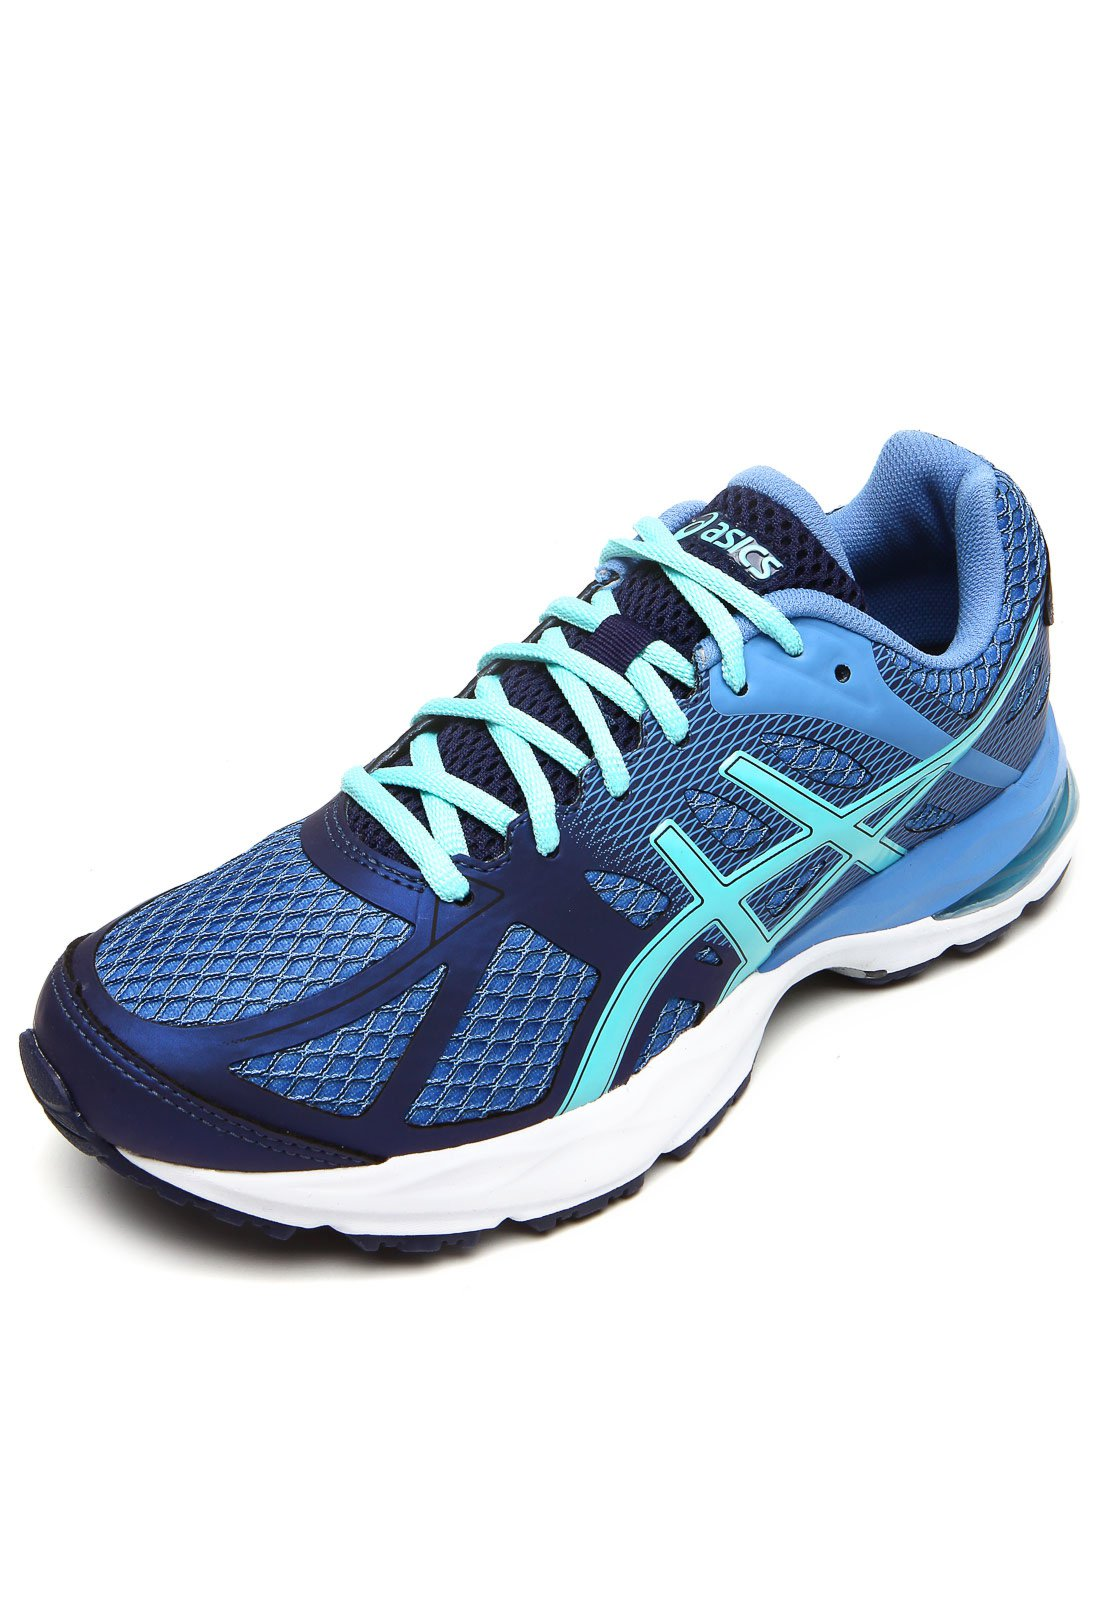 Tênis Asics Gel-Spree Azul - Compre Agora  5155470fd512a